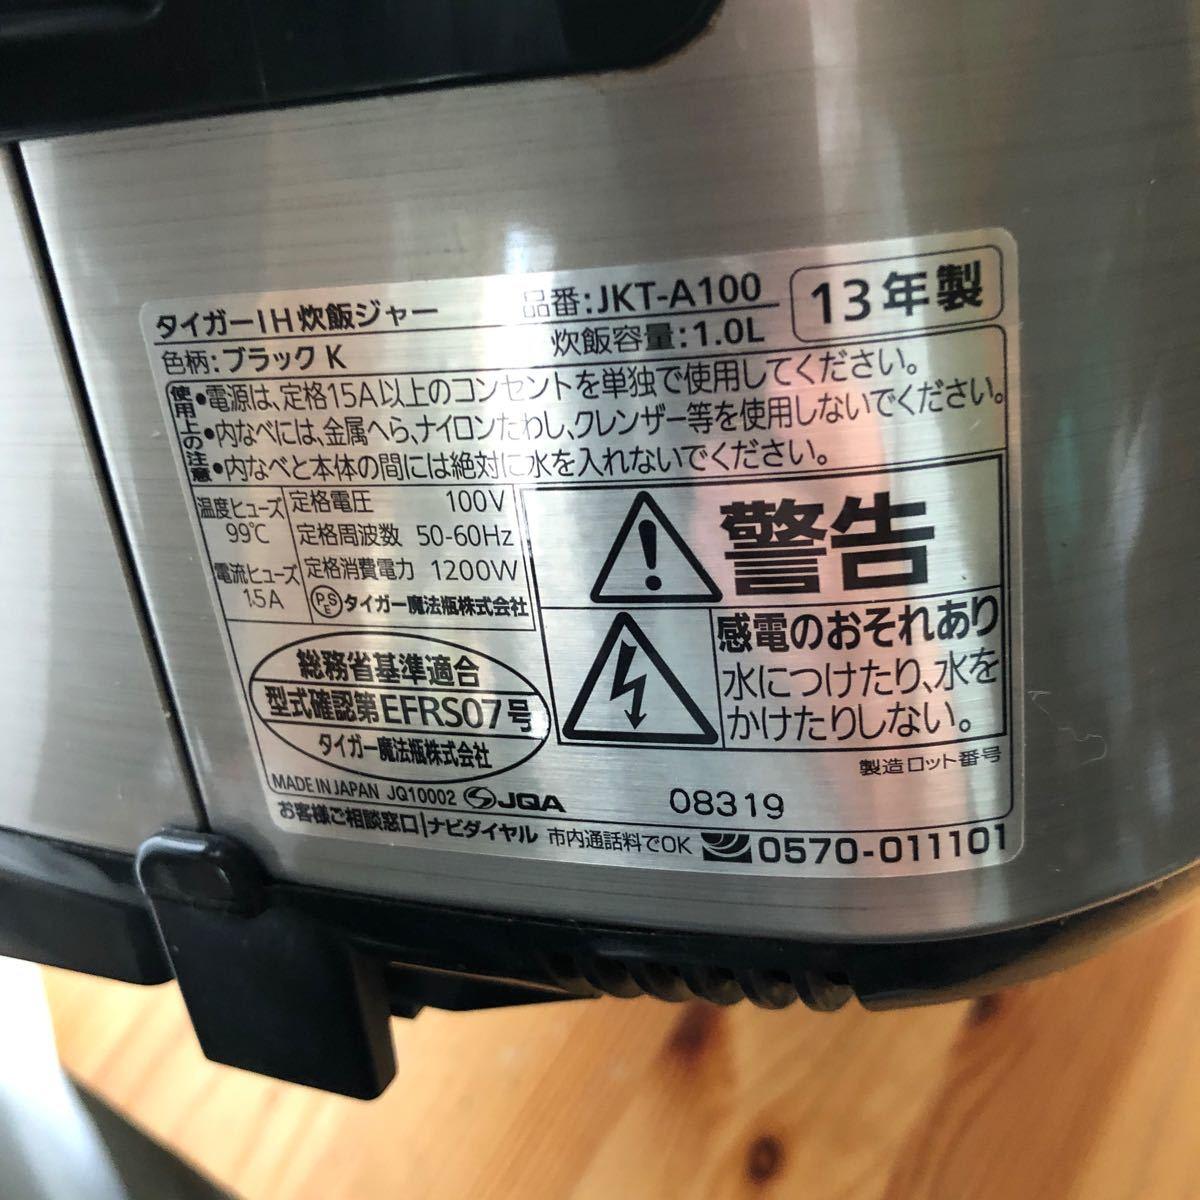 TIGER タイガー IH炊飯ジャー 炊飯器 5.5合